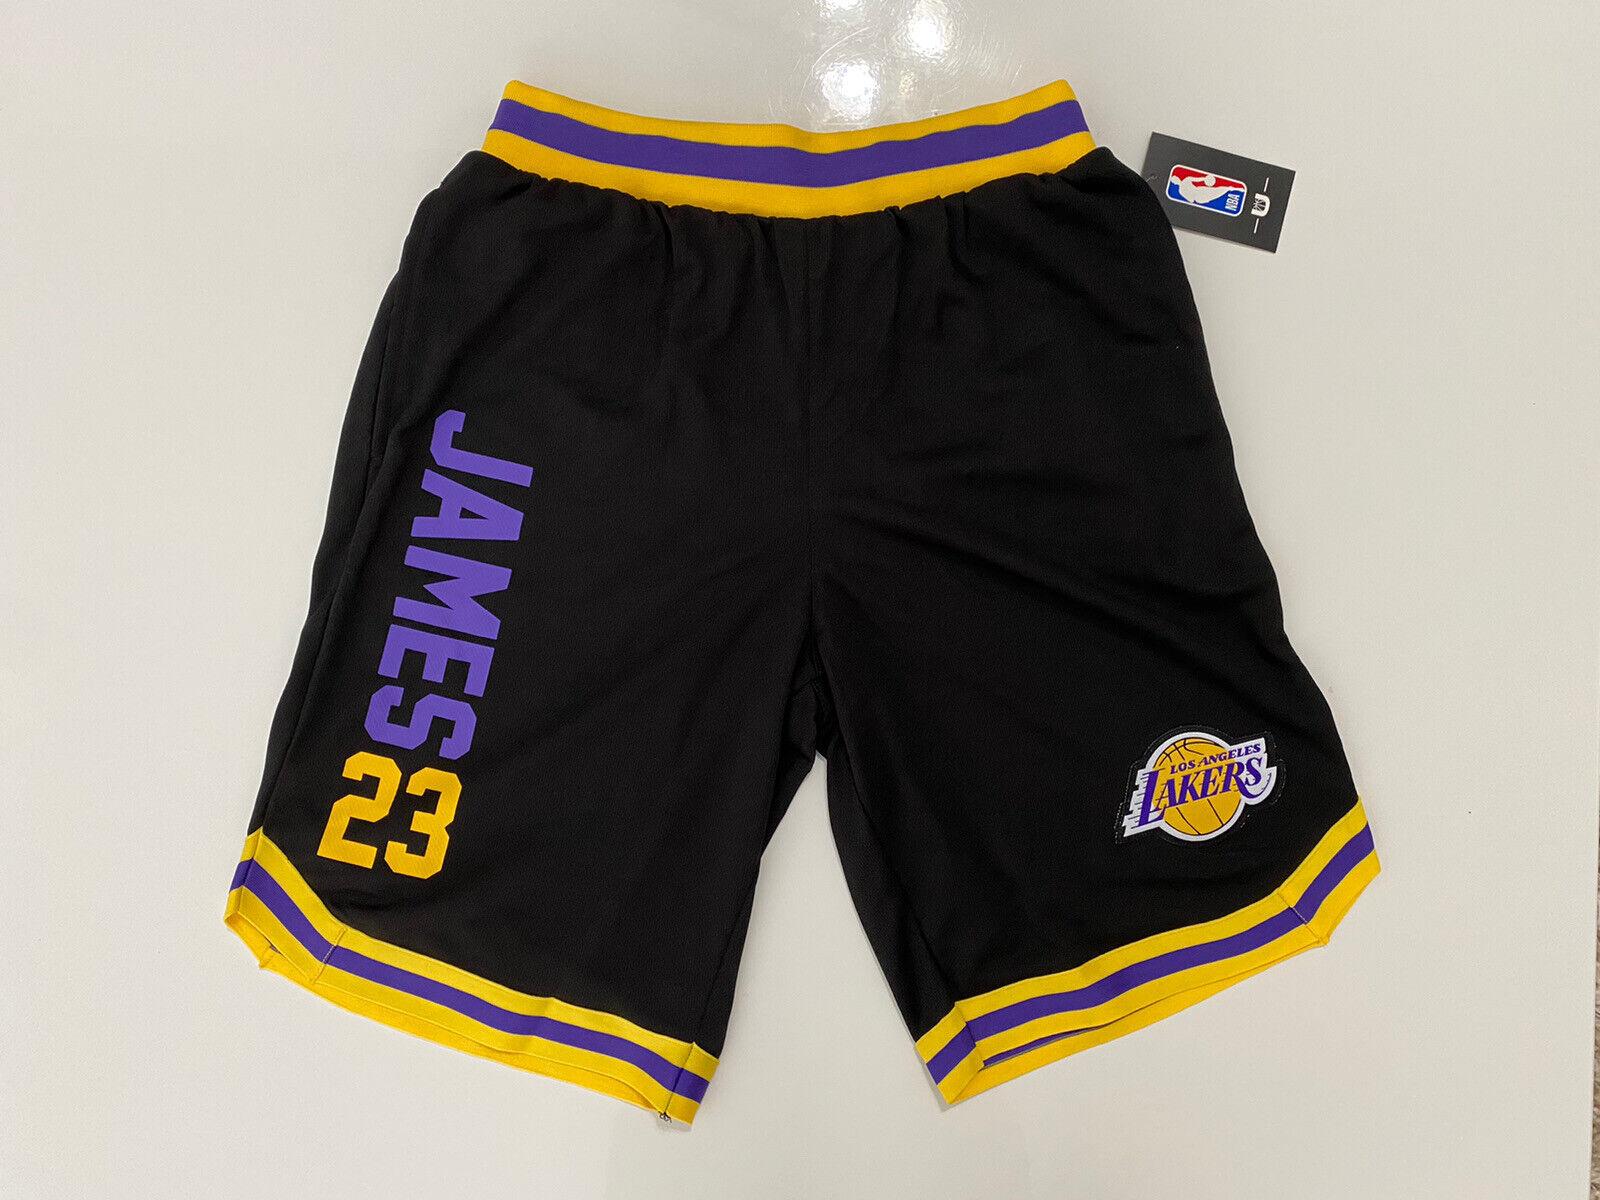 Los Hombres de Jersey Los Angeles Lakers # 23 Lebron James Camiseta de Baloncesto Corrientes Ocasionales los Hombres del Jersey De Secado r/ápido de la Camiseta de Manga Corta Floja